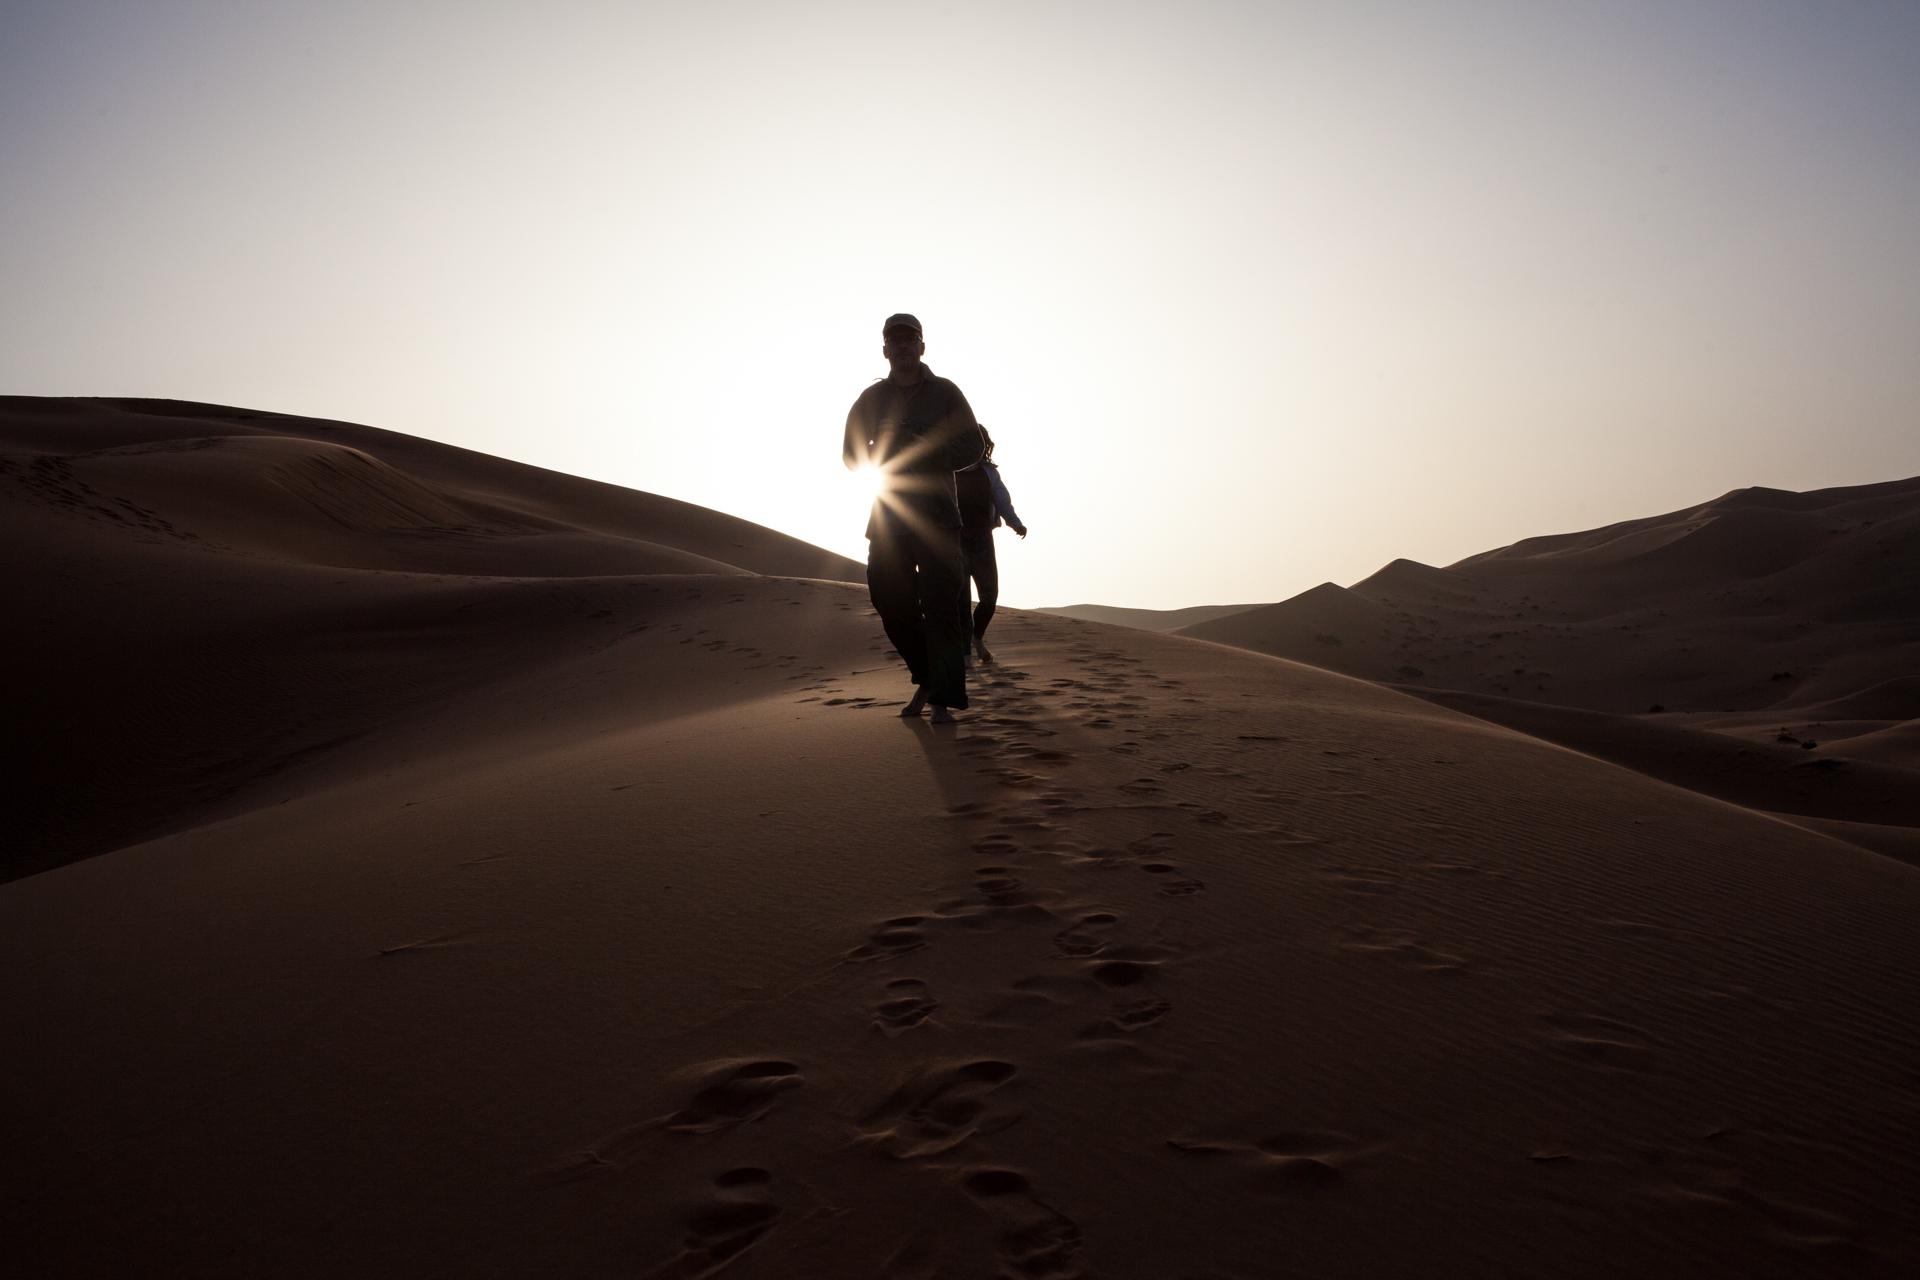 Morocco_Apr15__by_kingmouf-313